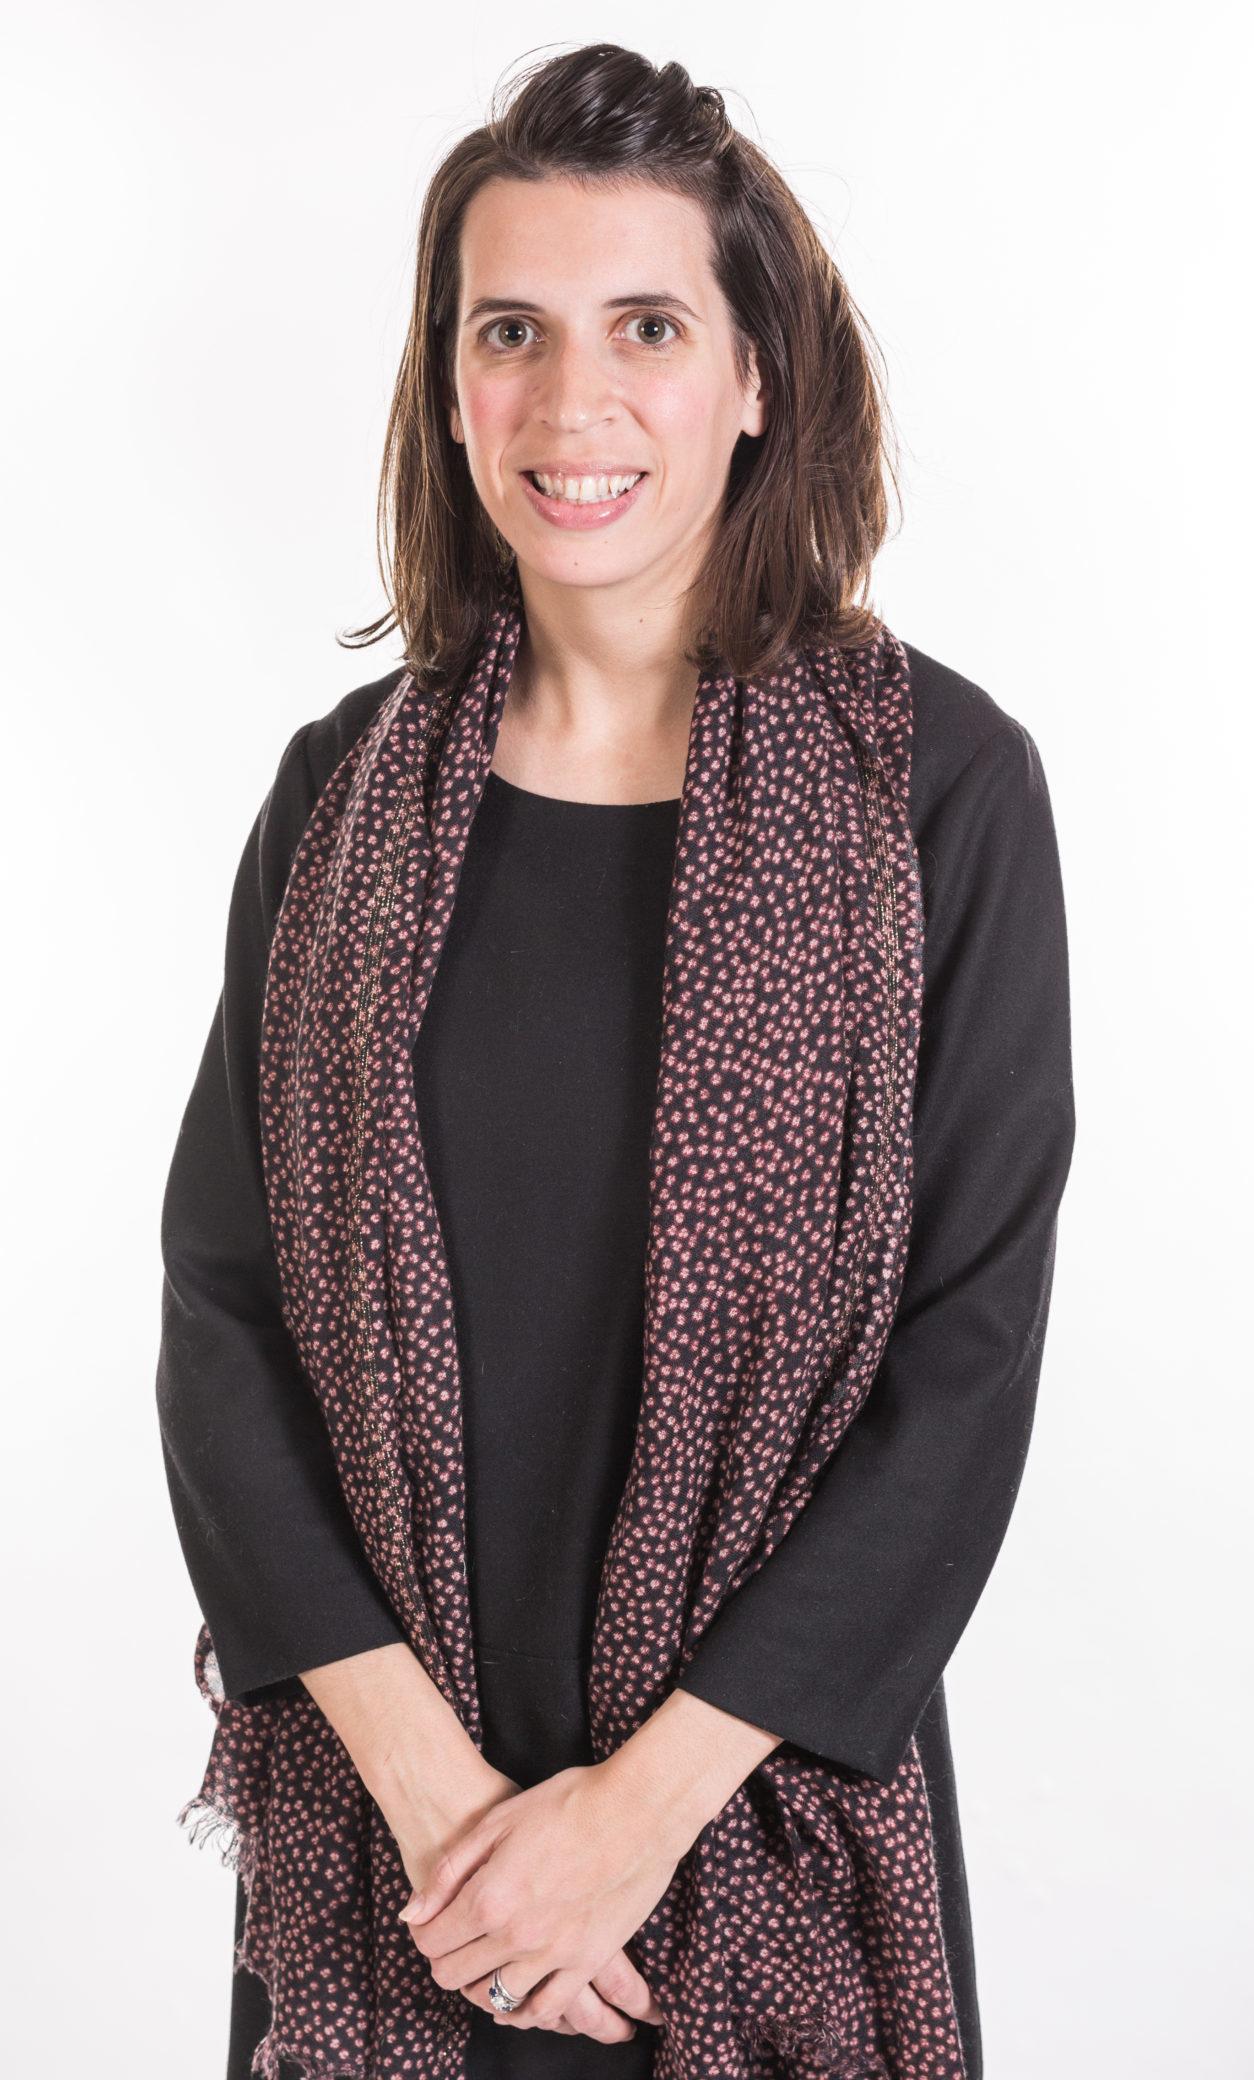 Theresa Shropshire